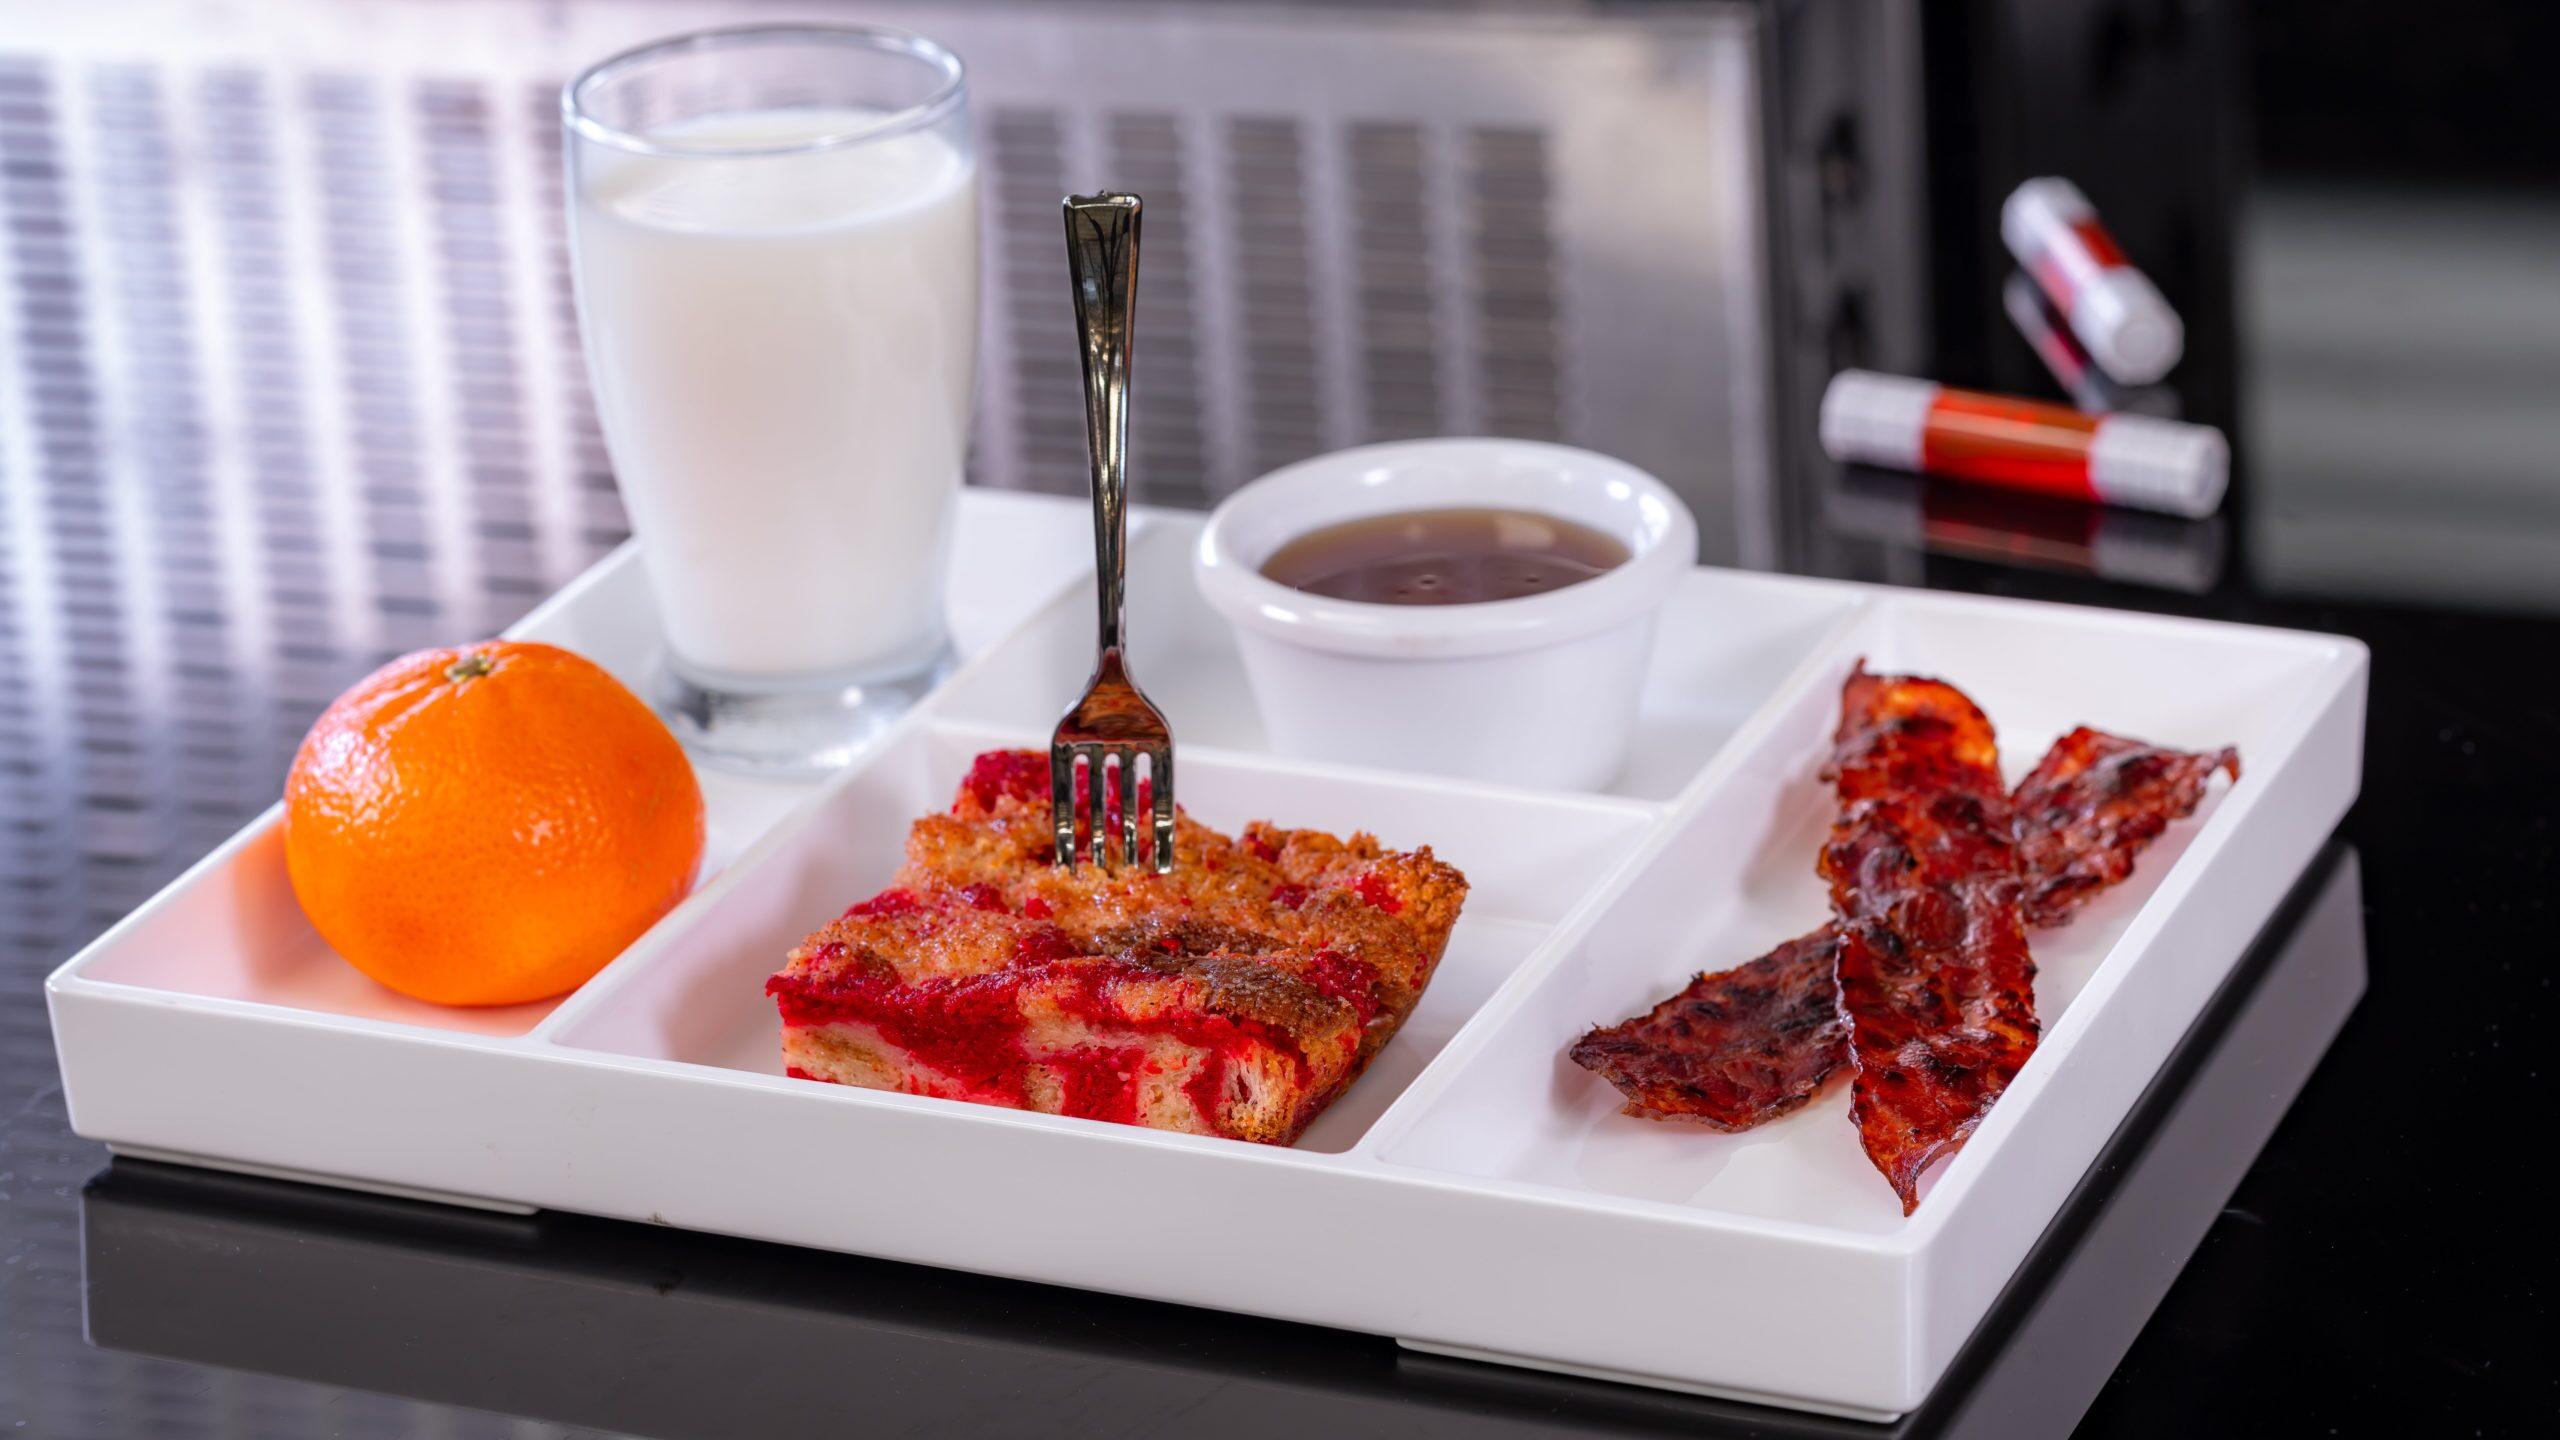 Avengers Campus Food & Beverage Ð Cinna-Pym Mini Toast